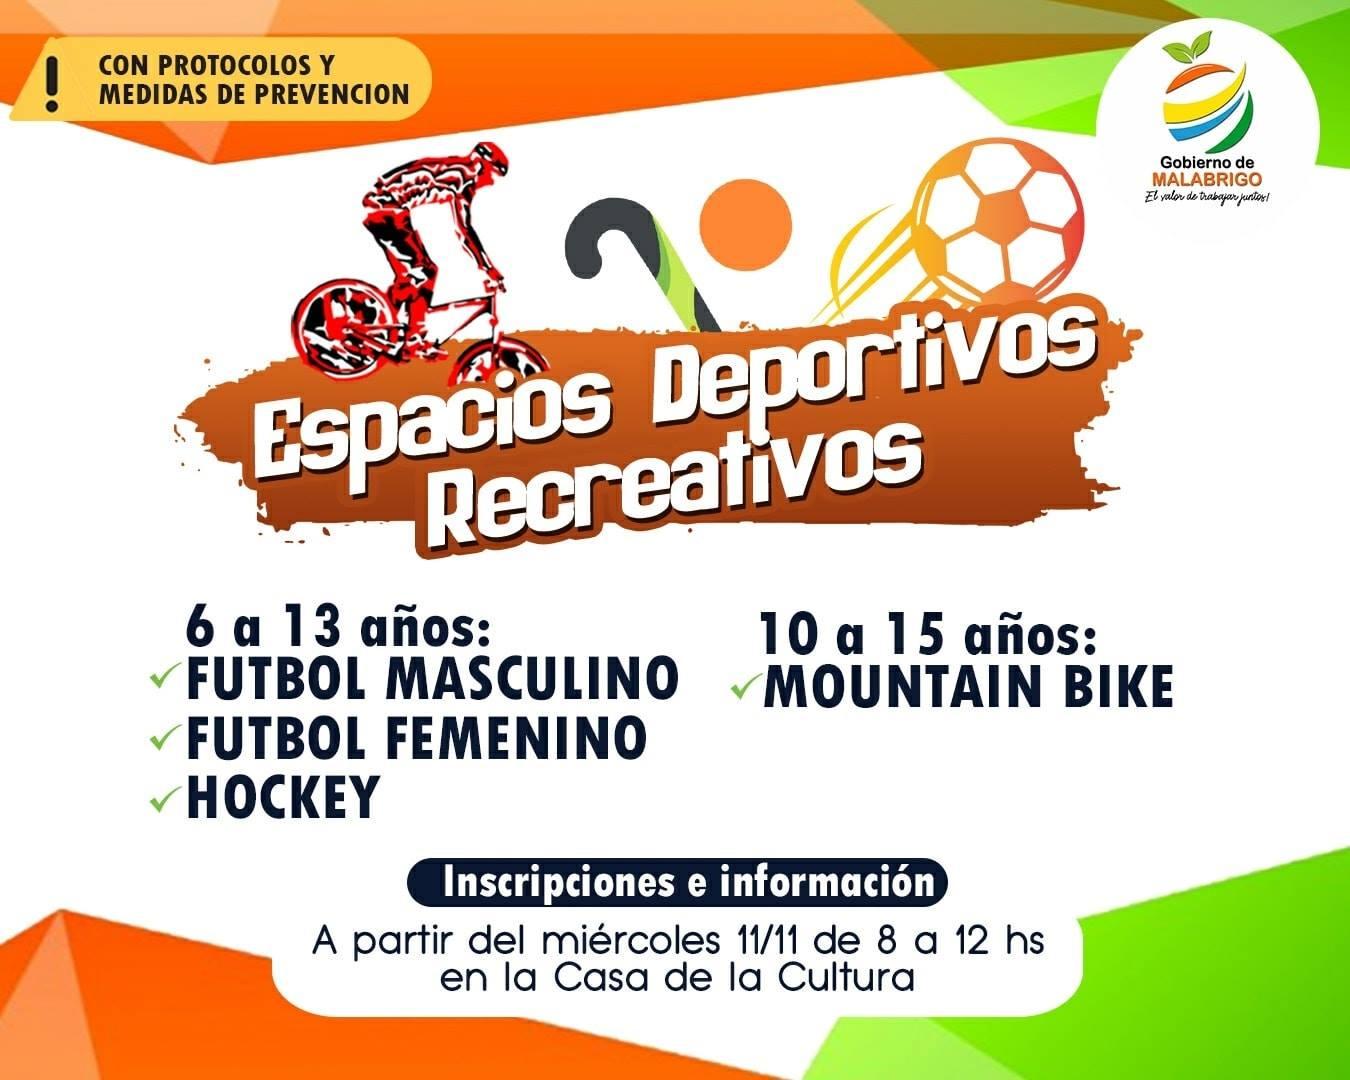 Malabrigo: Espacios Deportivos Recreativos